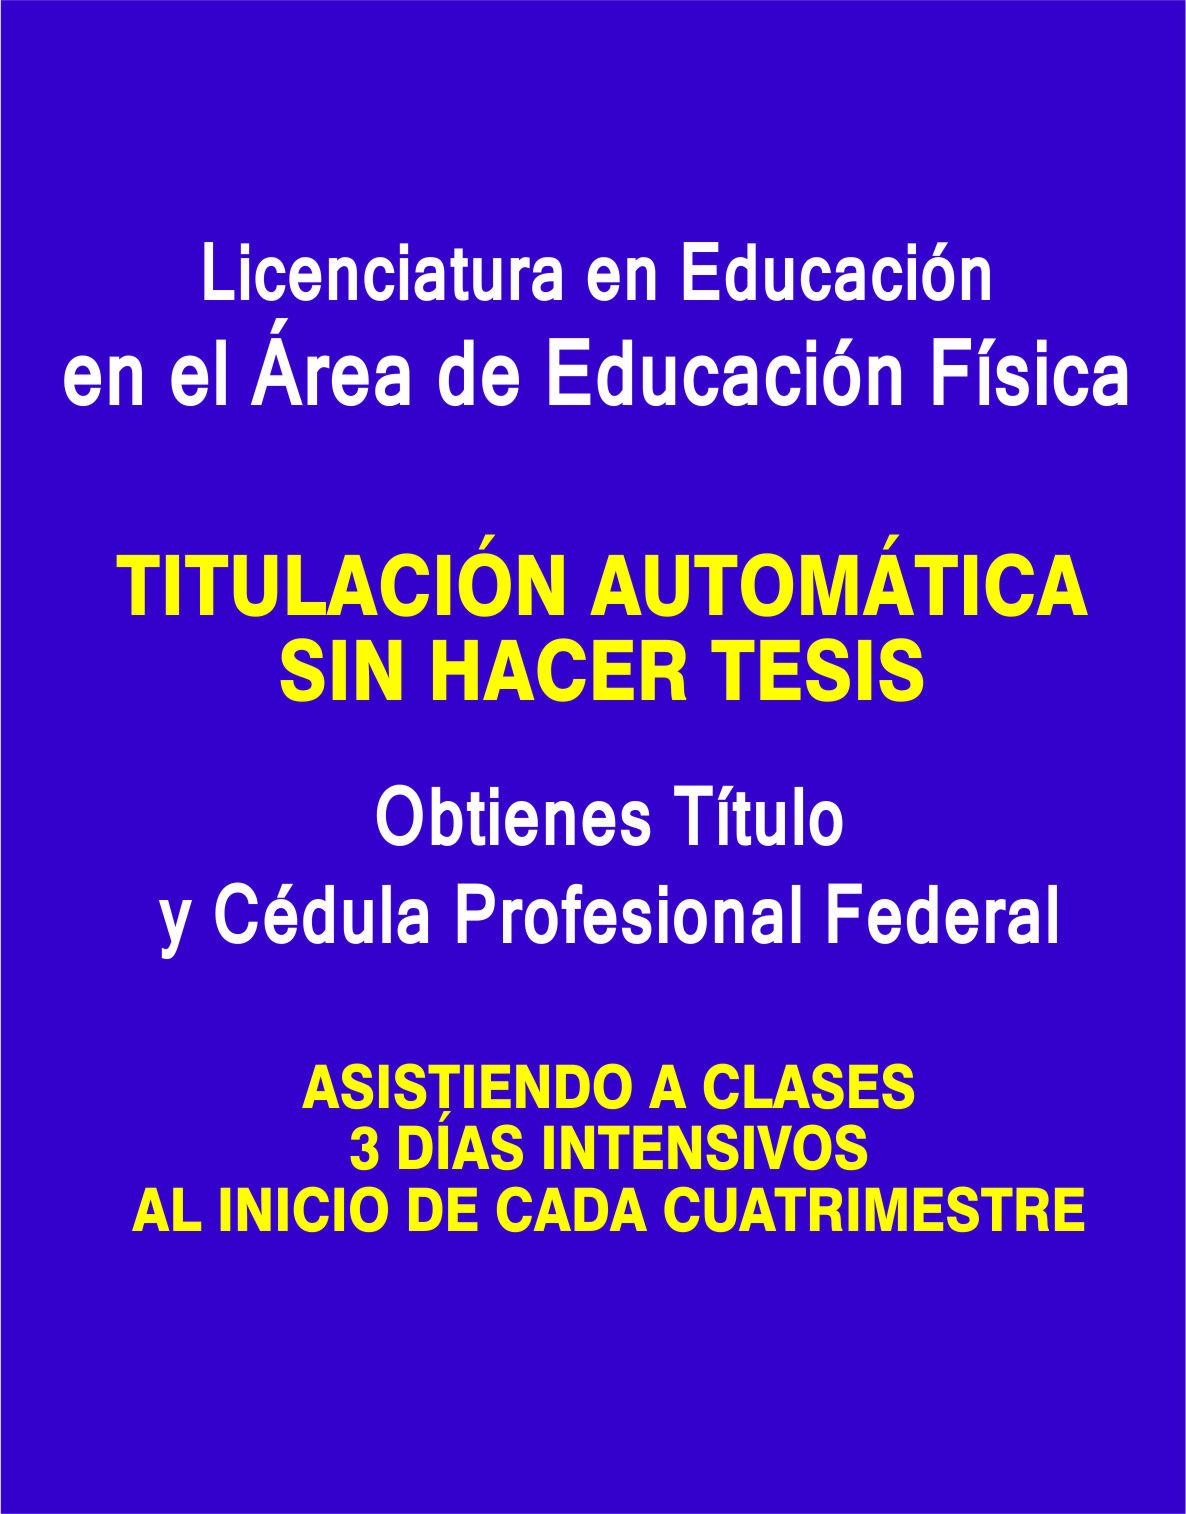 RVOE oficial: Licenciatura en Educación en el Área de Educación Física